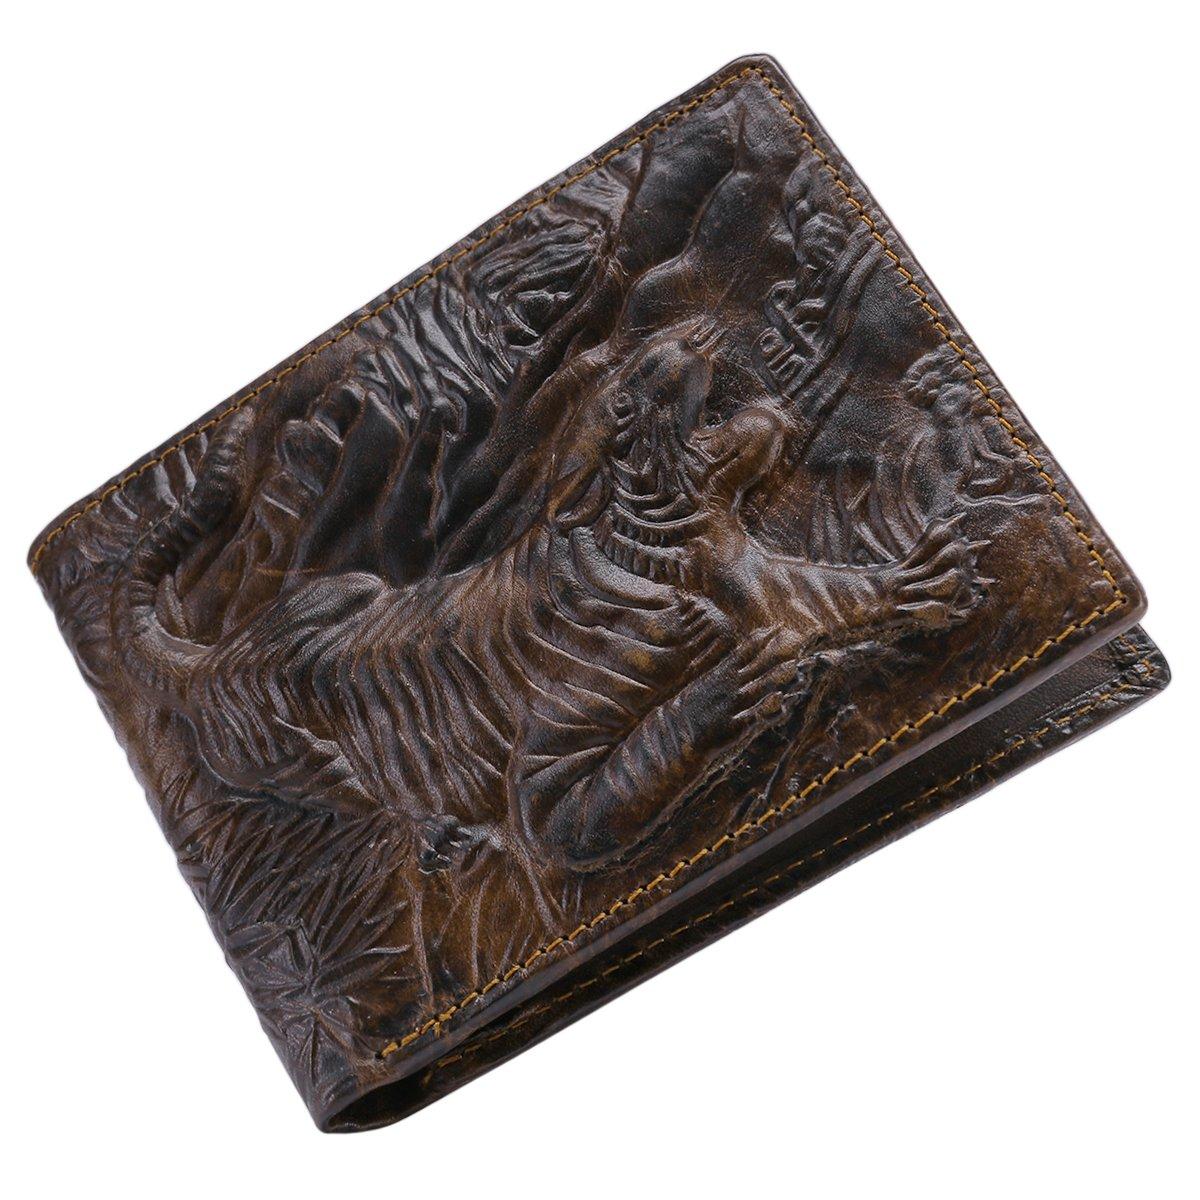 Itslife Men's Cowhide Leather Wallet Alligator Tiger Dragon Embossing (Tiger)